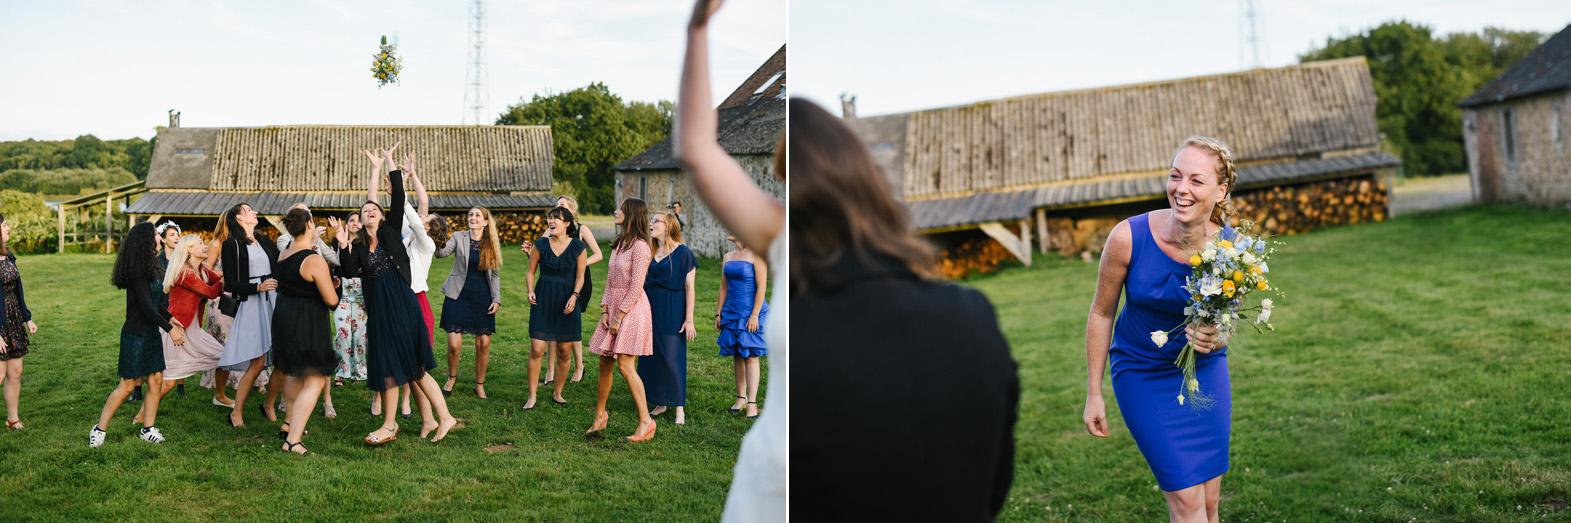 mariage_MT_les Faucheries_72_Sarthe_photographie_clemence_dubois_MEP 19